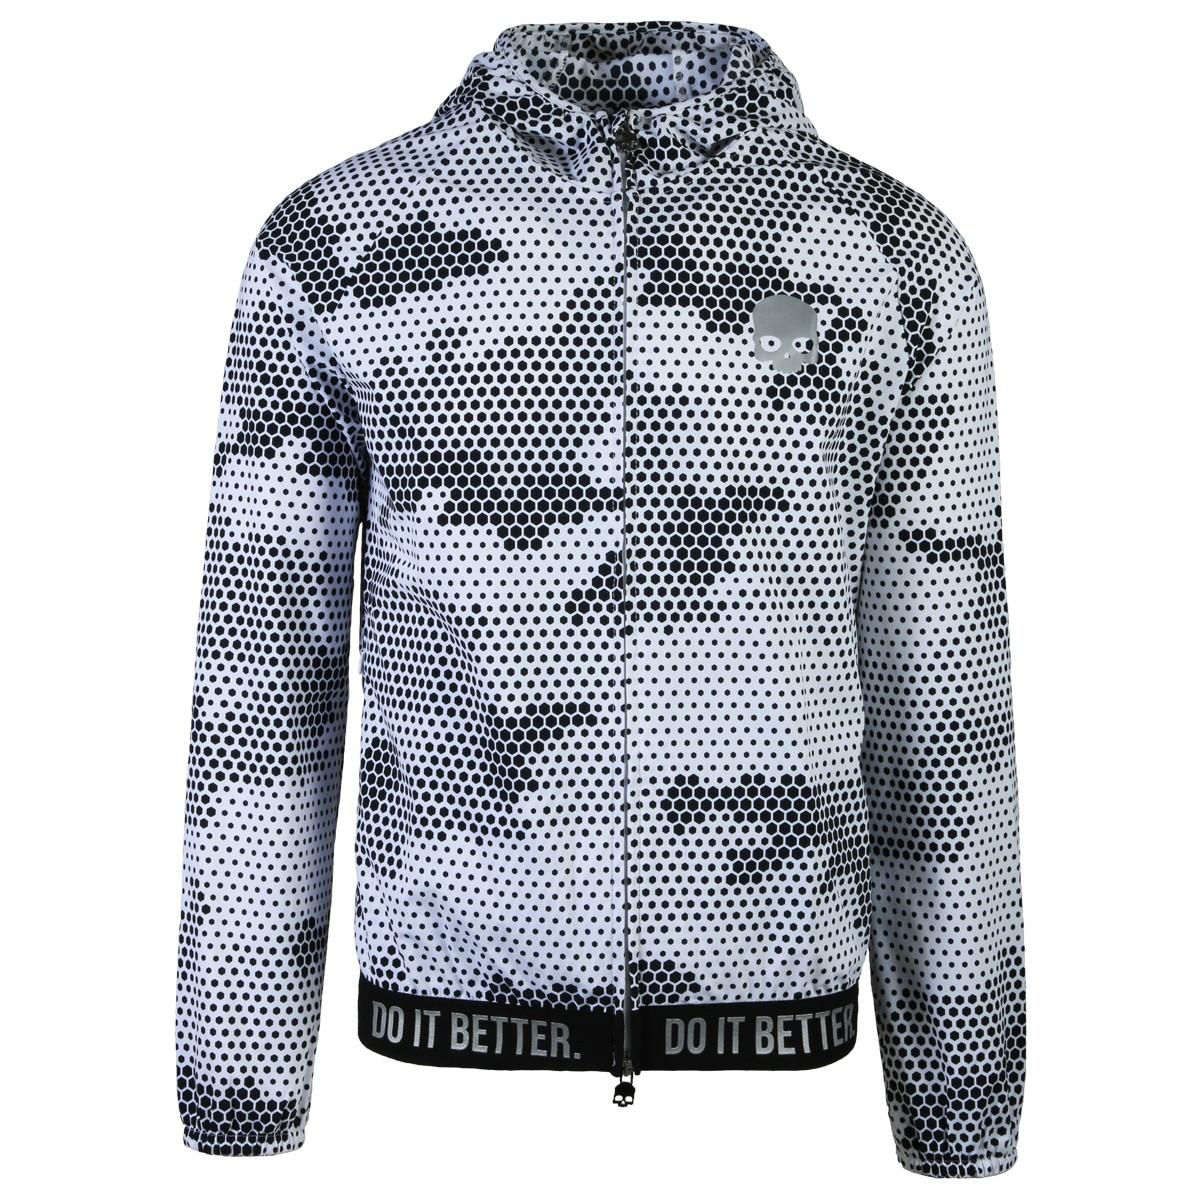 newest 10c74 a4ccd FELPA HYDROGEN TECH SKULL - HYDROGEN - Uomo - Abbigliamento ...